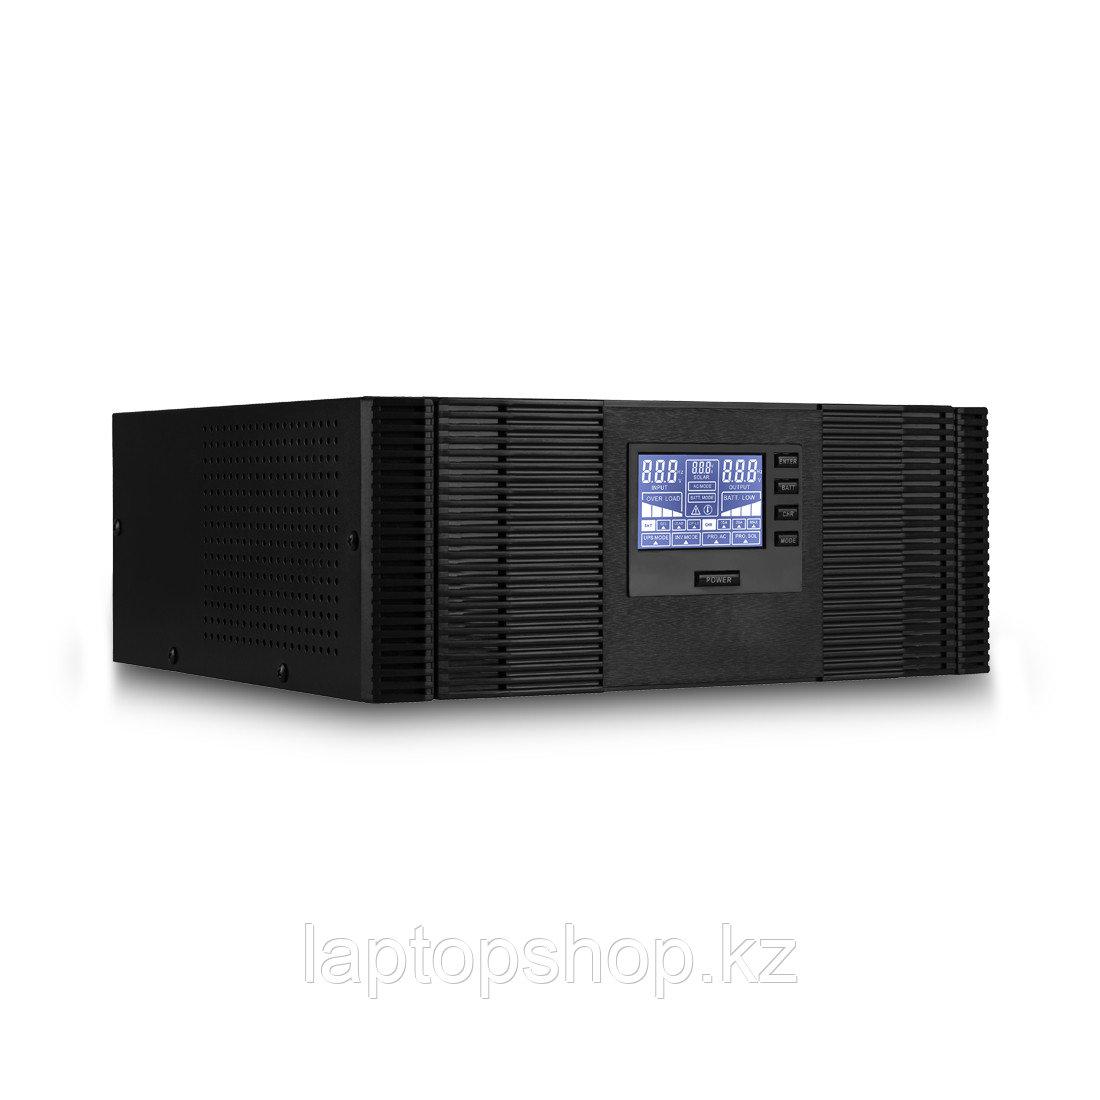 Инвертор, SVC, DI-800-F-LCD